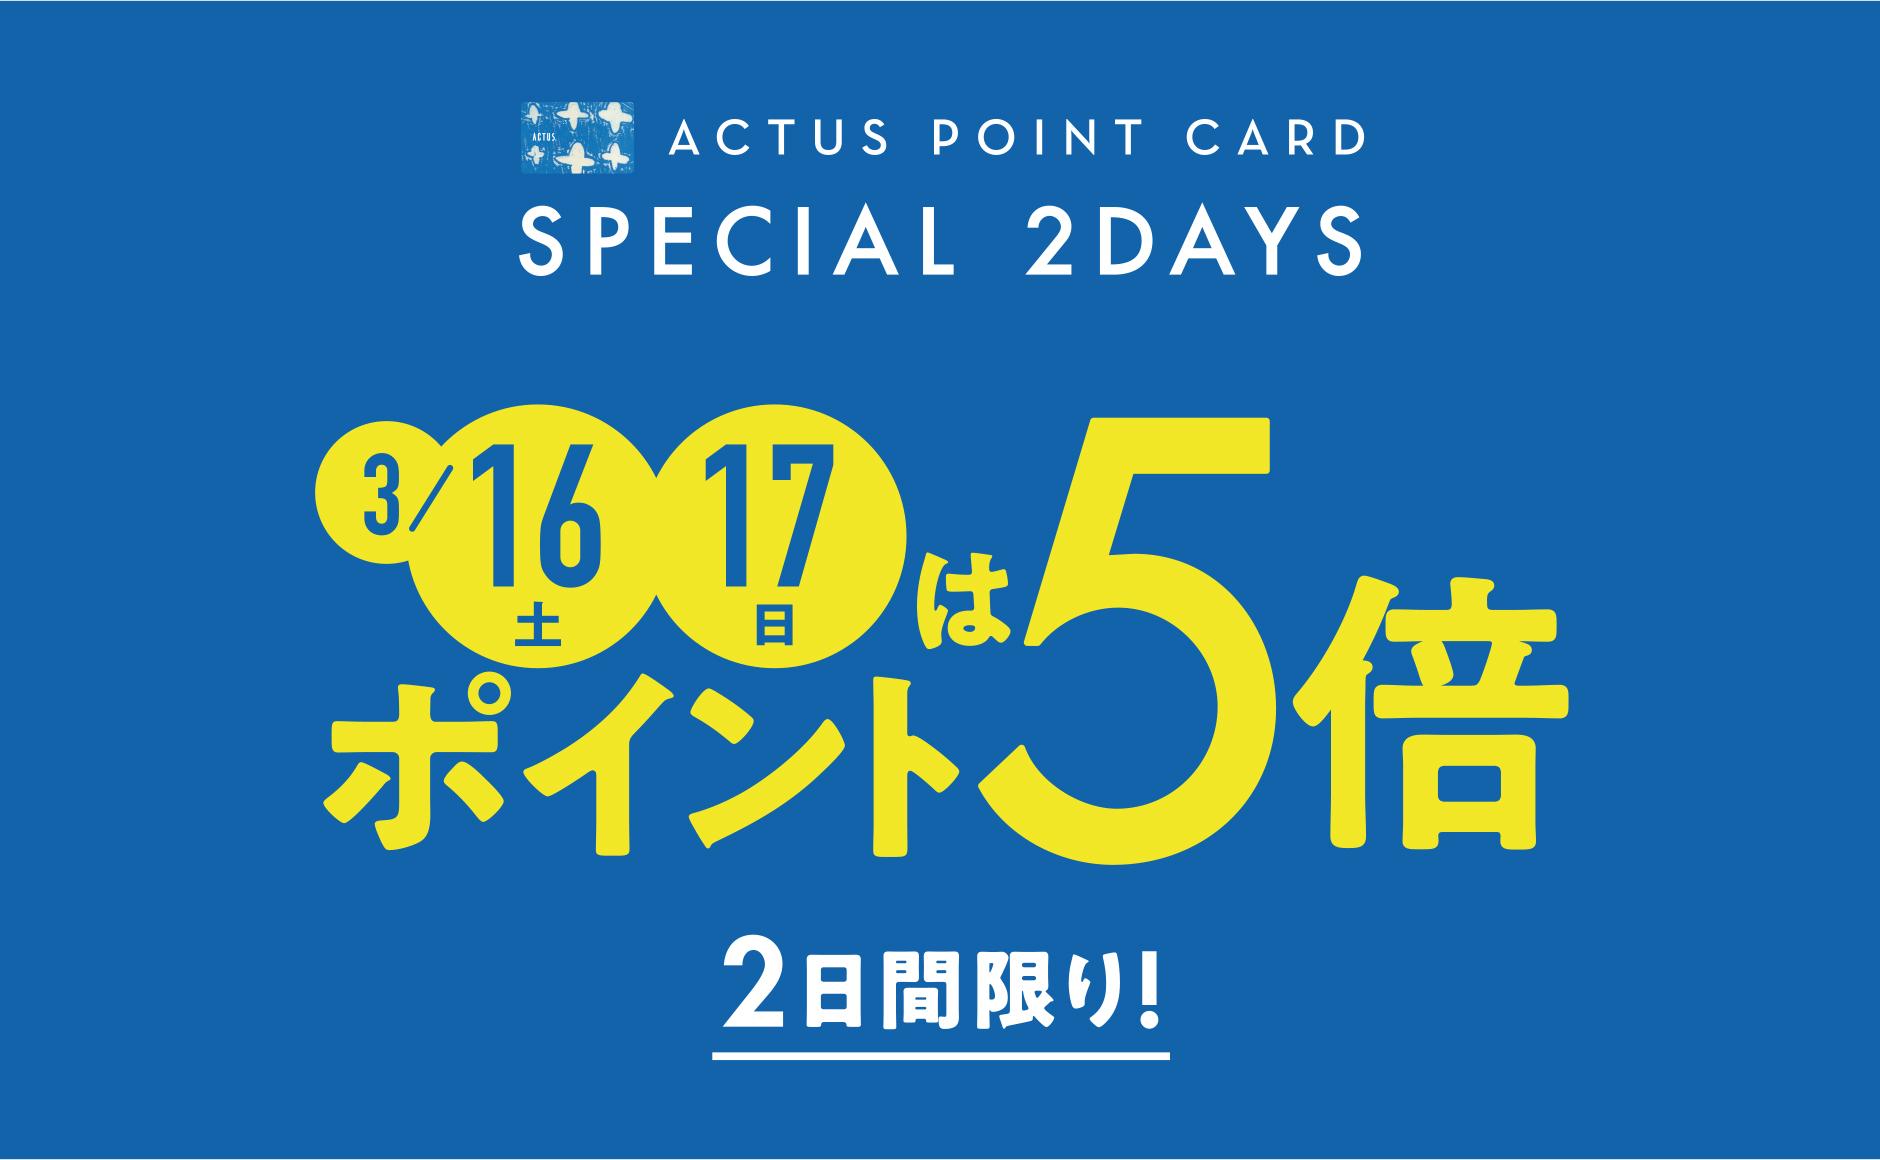 3/16・17は☆ポイント5倍☆